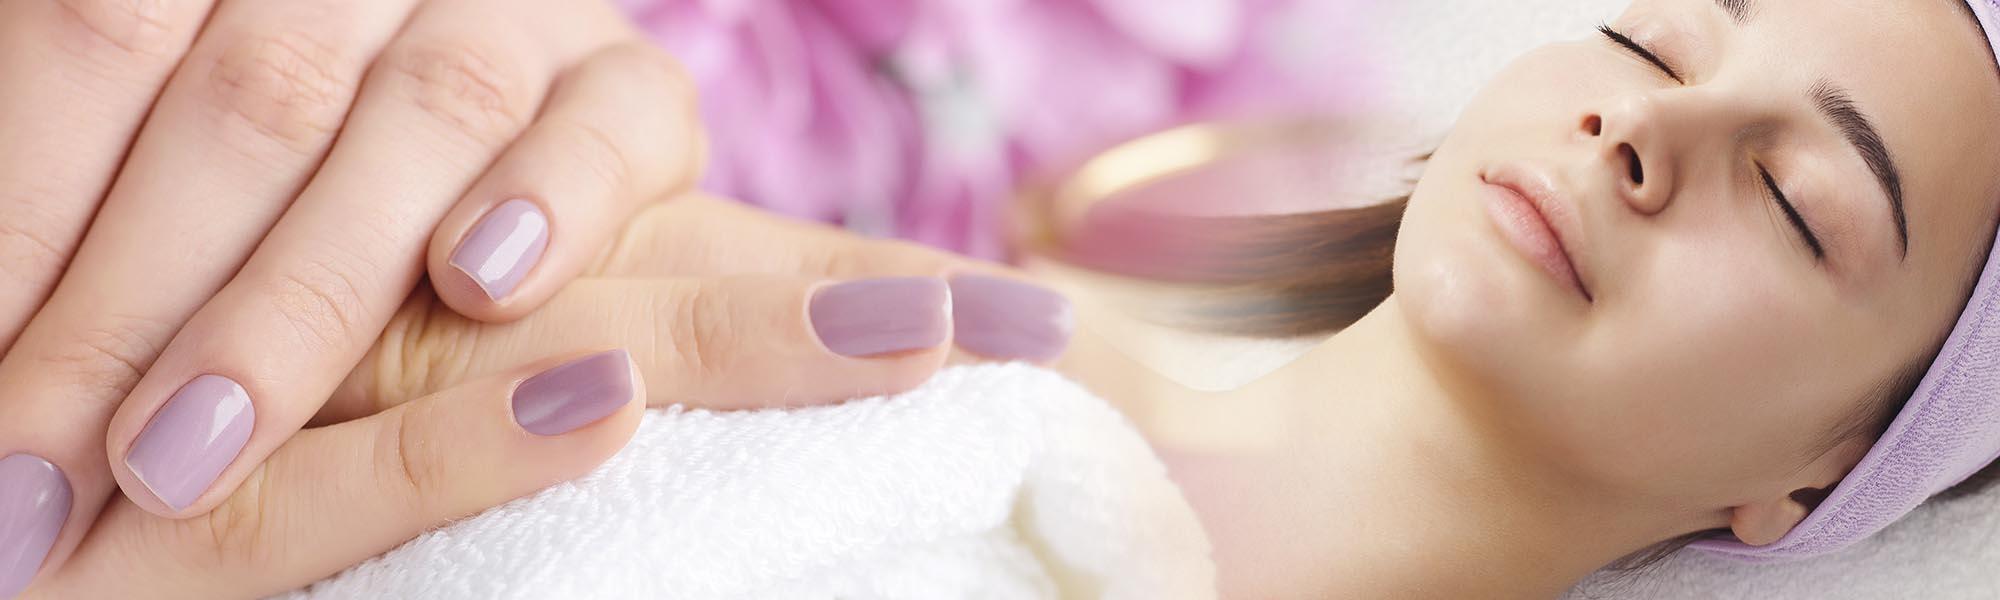 ricostruzione unghie manicure pedicure centro estetico vercelli il ciuffo